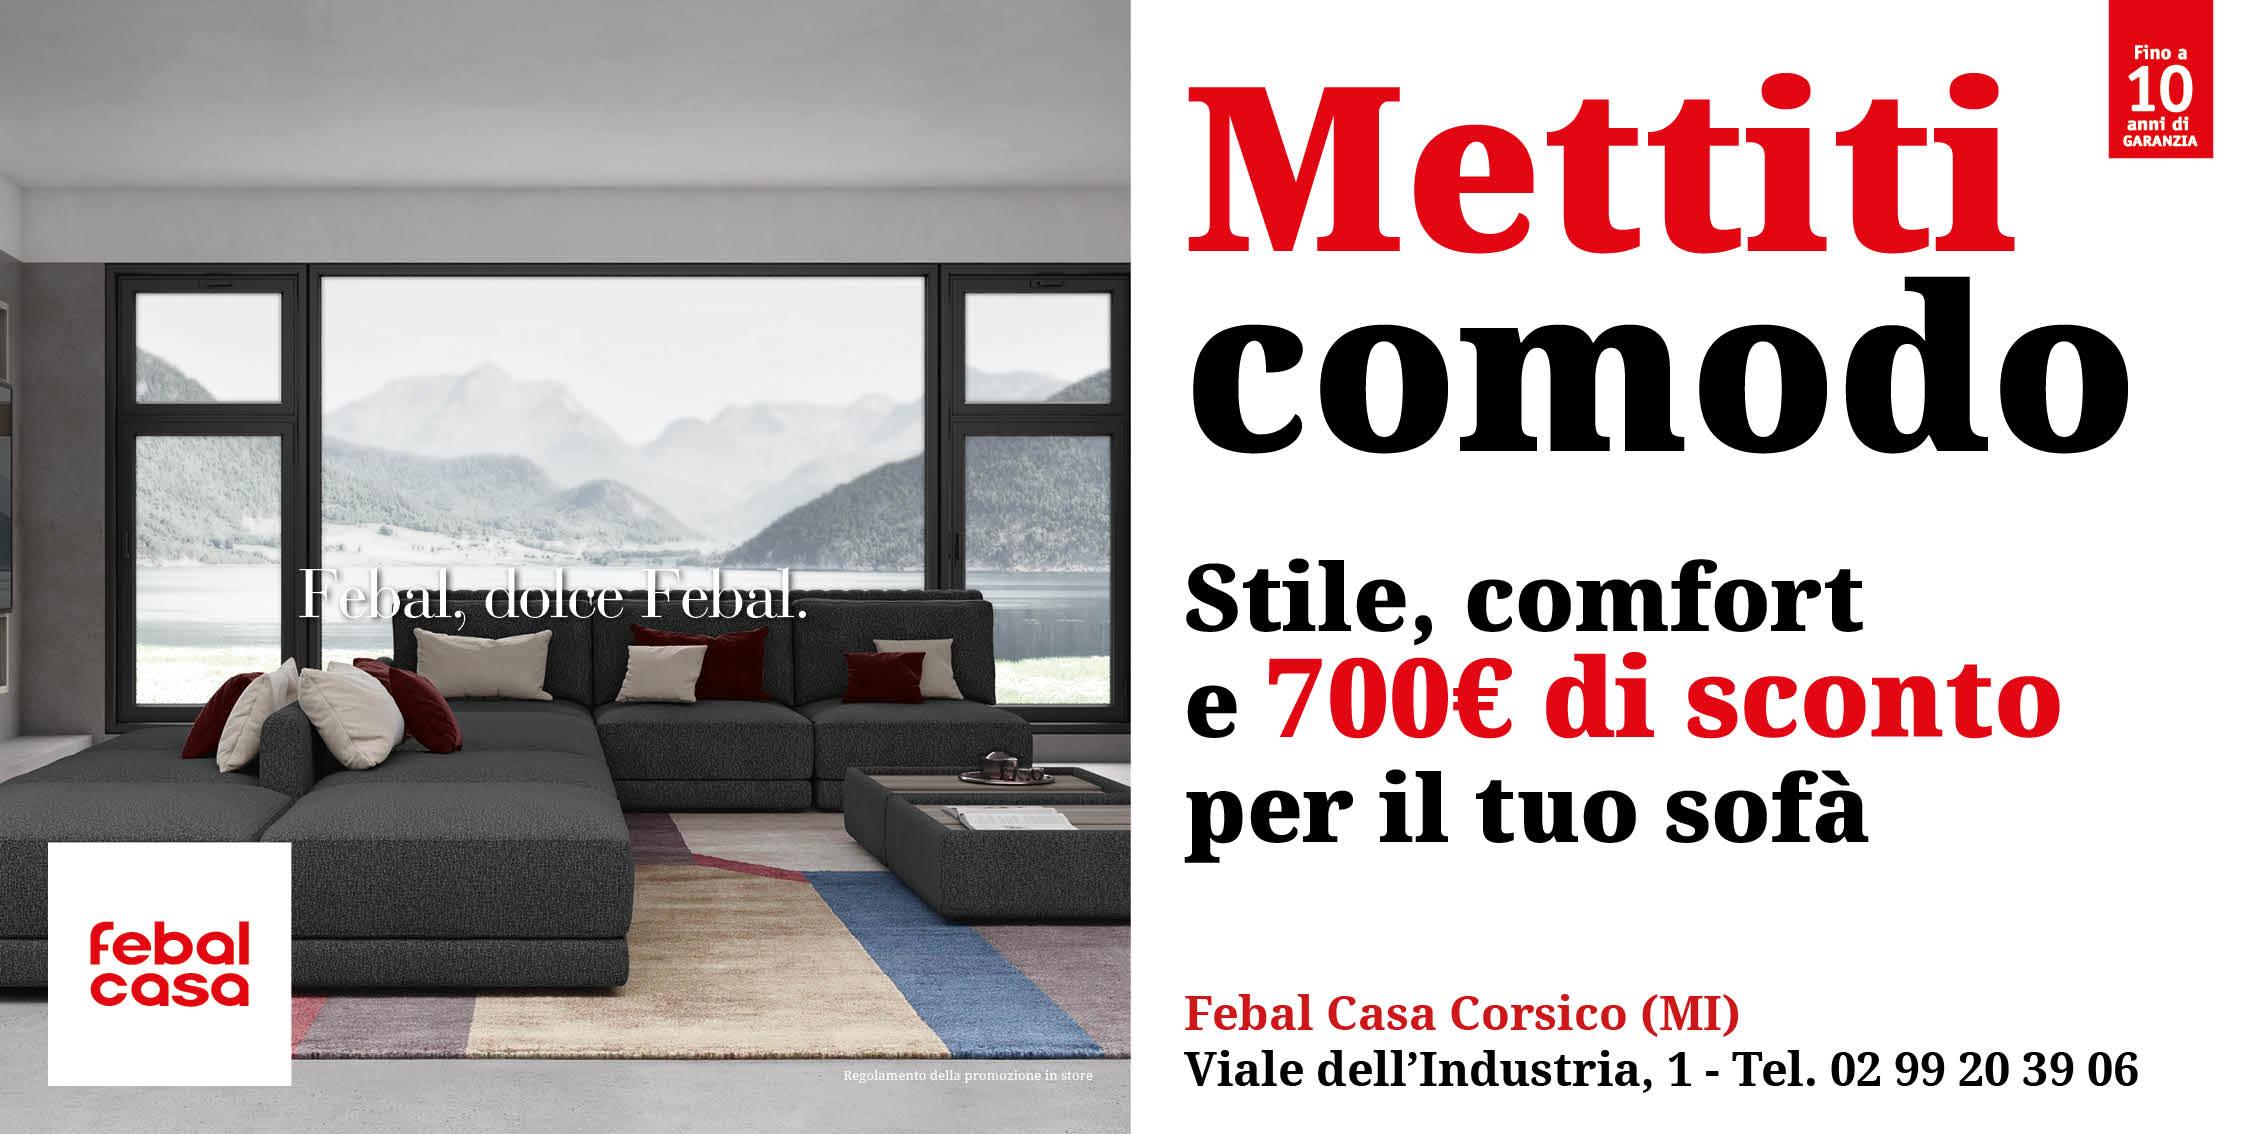 6x3_FC_Corsico - Divano_700_billboard